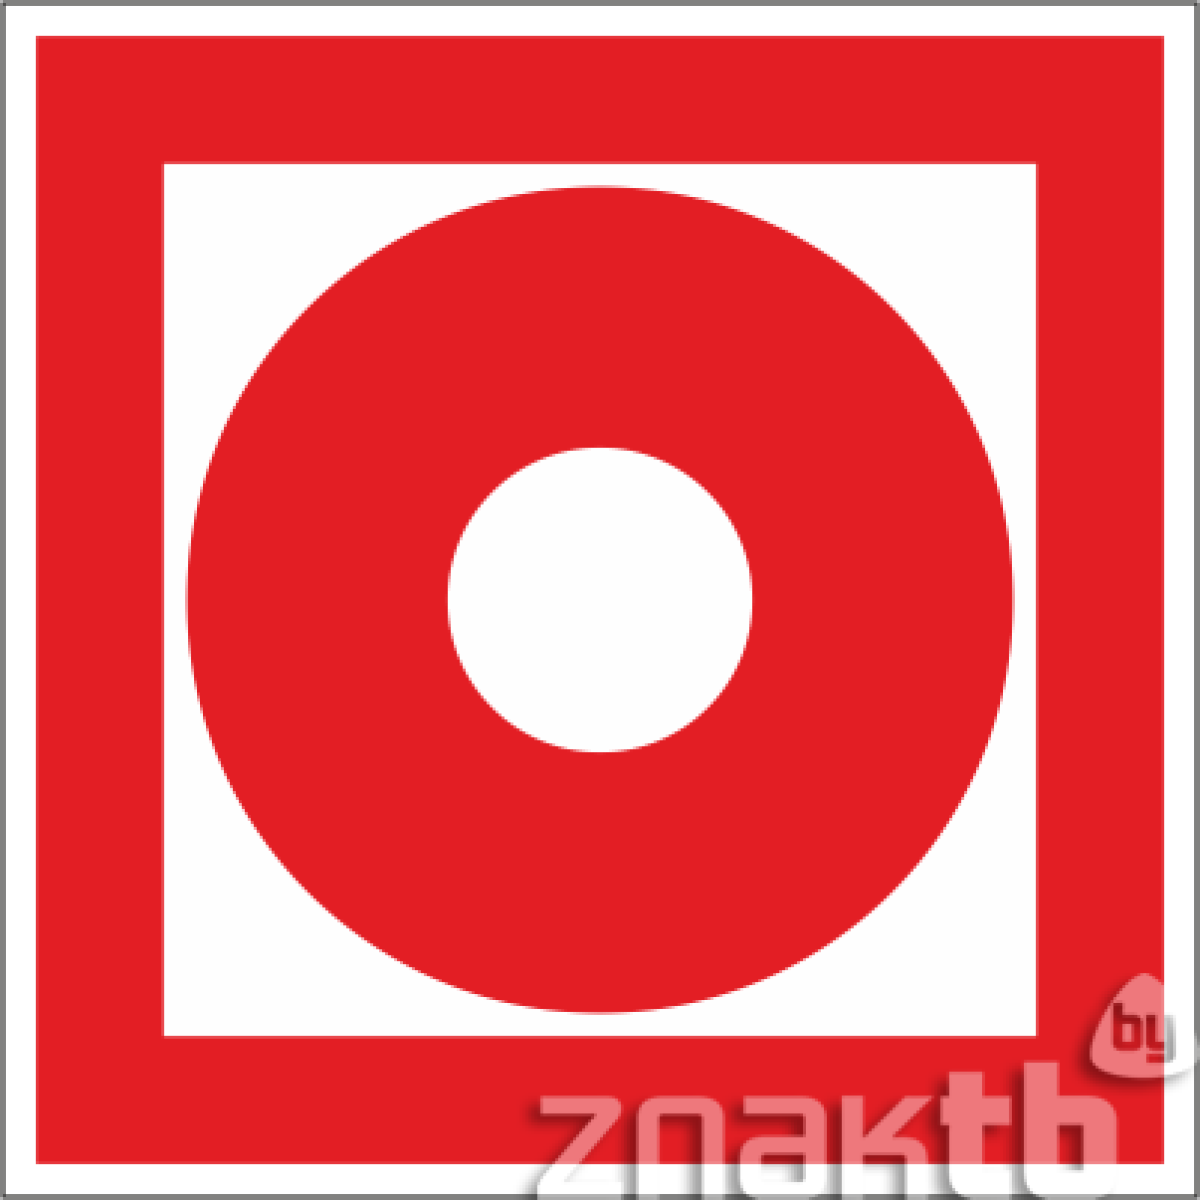 Знак Кнопка включения систем пожарной автоматики код F10